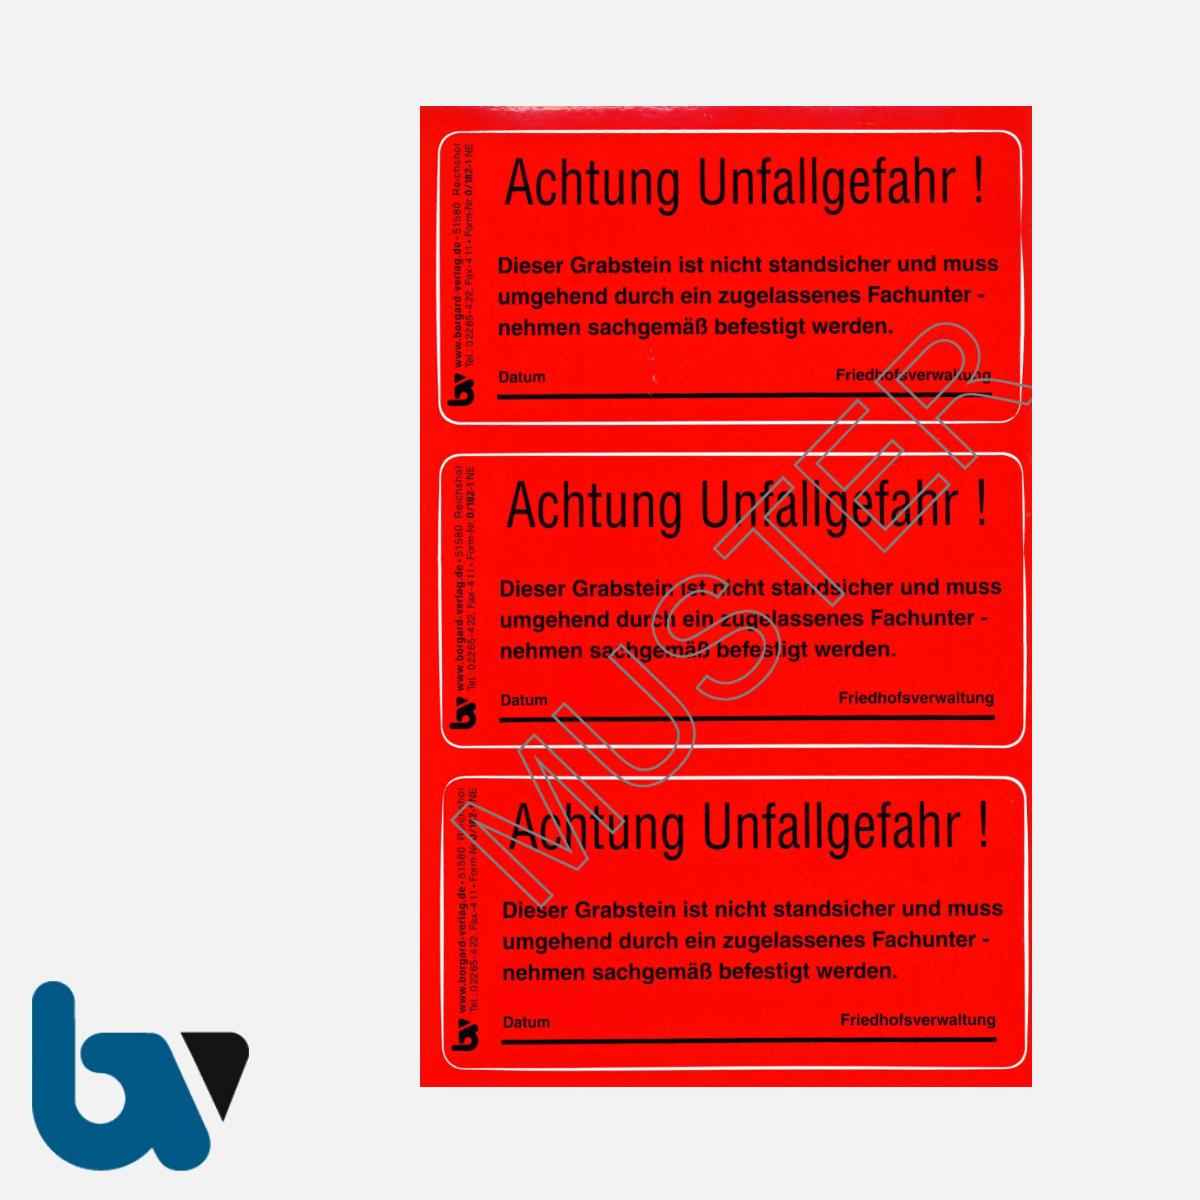 0/182-1 Grab Aufkleber Achtung Unfallgefahr standsicher Friedhof Verwaltung rot PVC Folie selbstklebend | Borgard Verlag GmbH